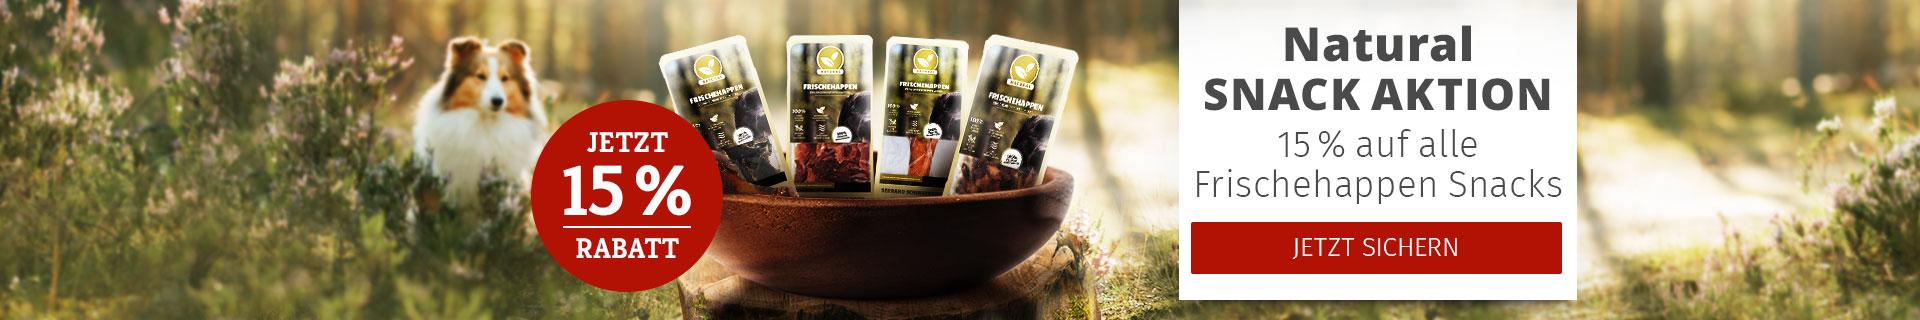 Natural Snack Aktion - 15% Rabatt auf alle Frischehappen Snacks